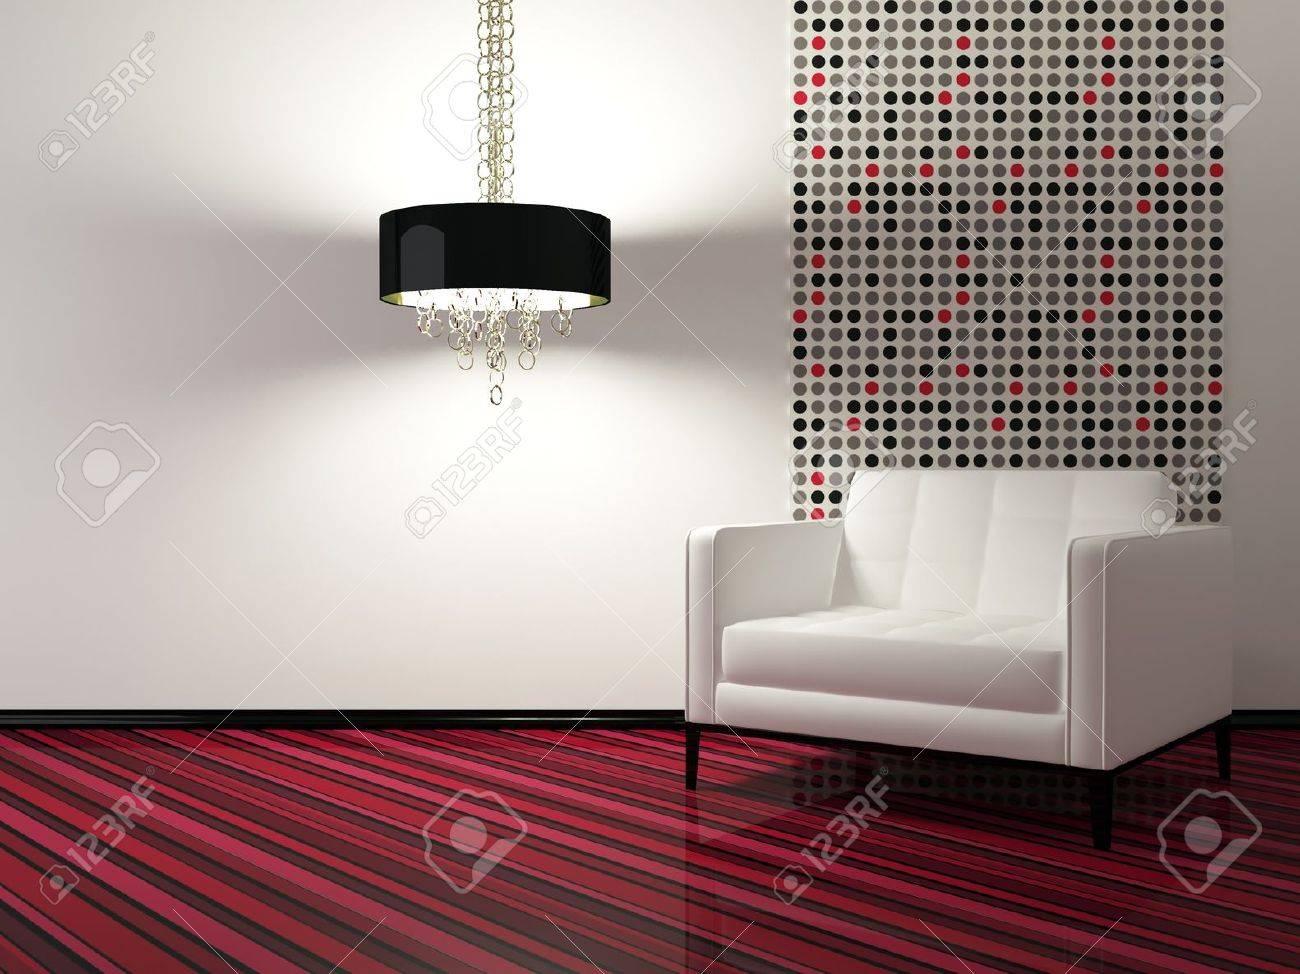 Design d'intérieur de salon moderne avec fauteuil blanc, 3d render ...